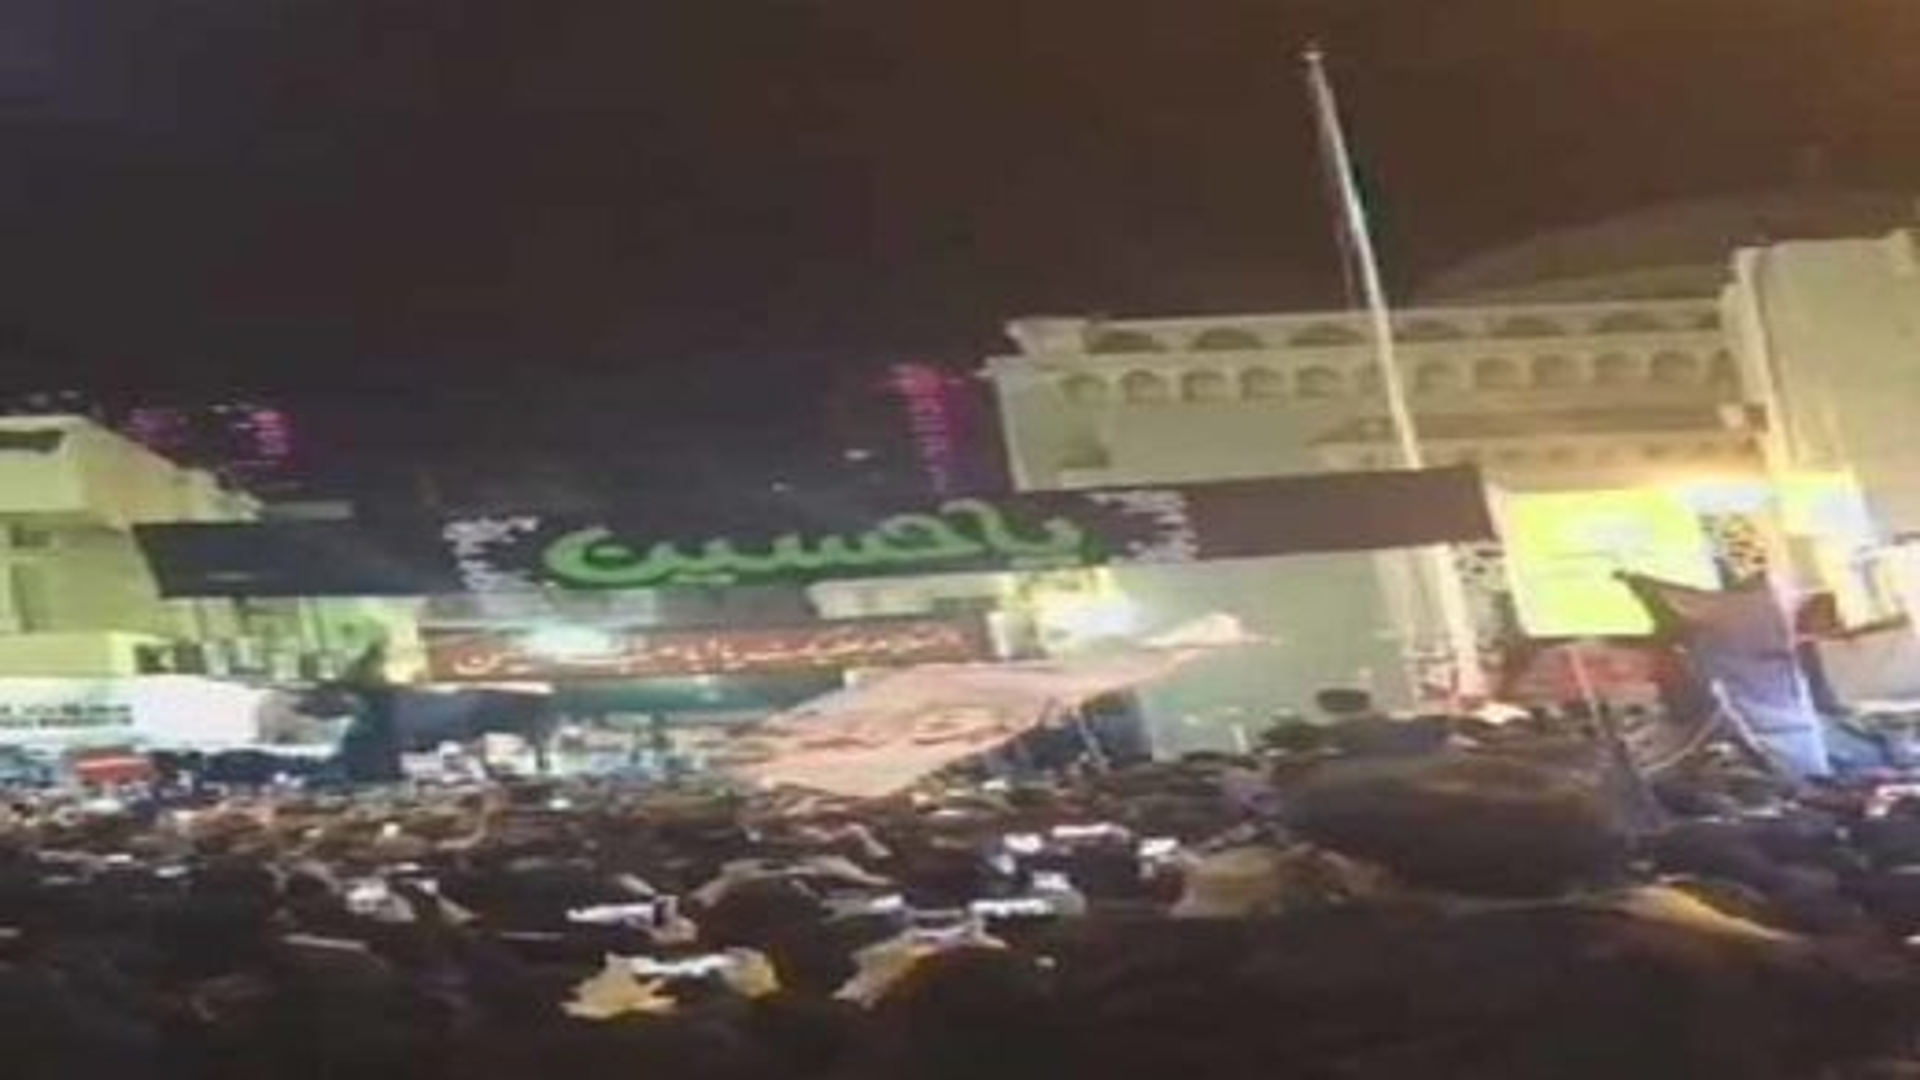 مراسم برافراشته شدن پرچم عزای حسینی در مرکز پایتخت بحرین | تگ